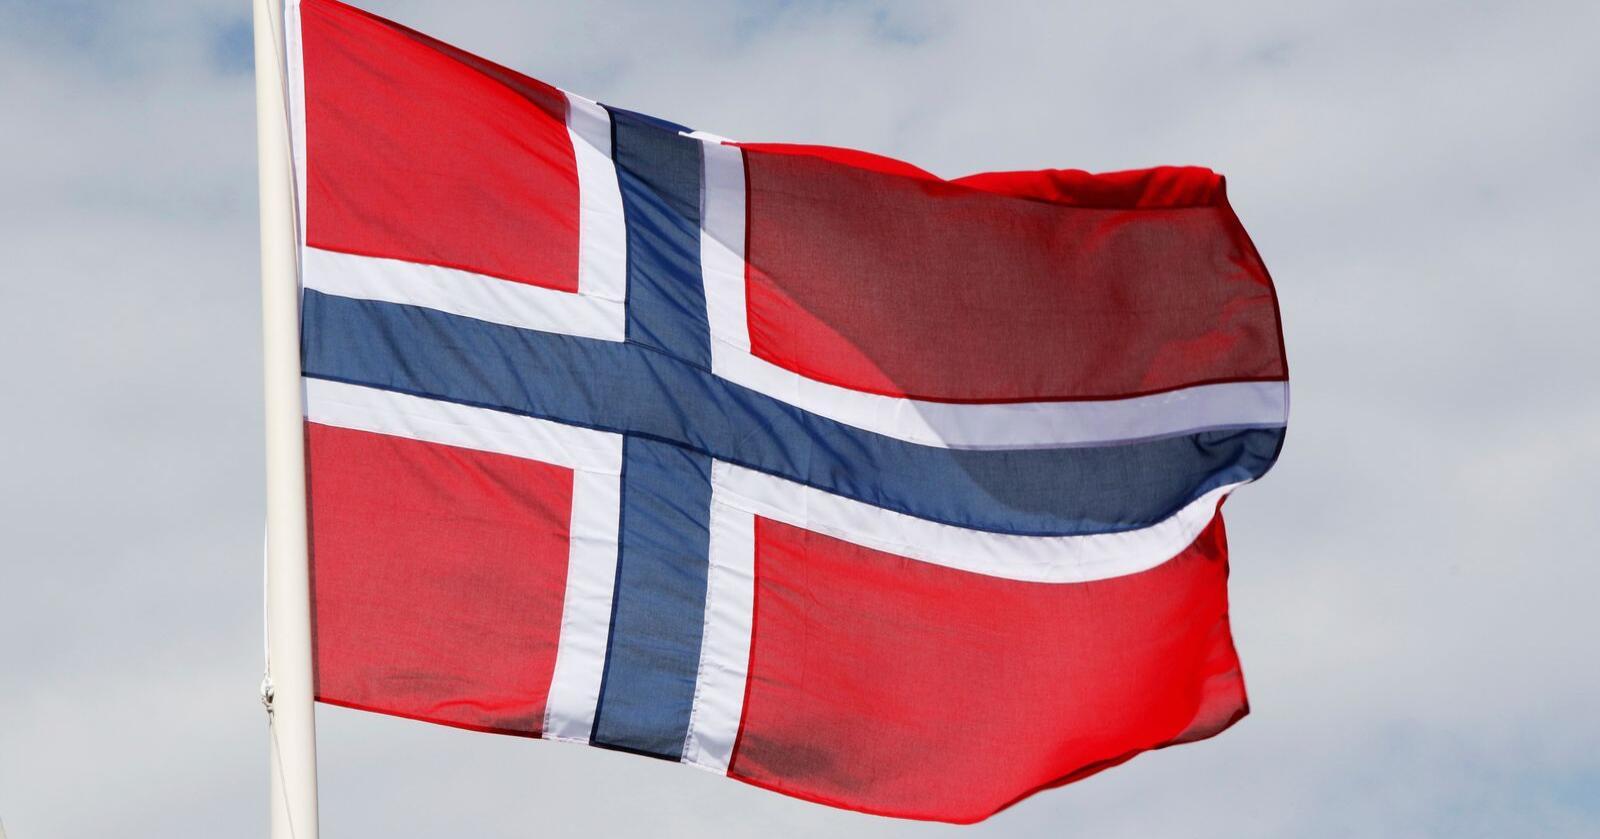 Raudt som kveldssola, kvitt som snøen og blått som breen - det er dei norske flaggfargane, som også symboliserer fridom. Foto: Erik Johansen / NTB / NPK